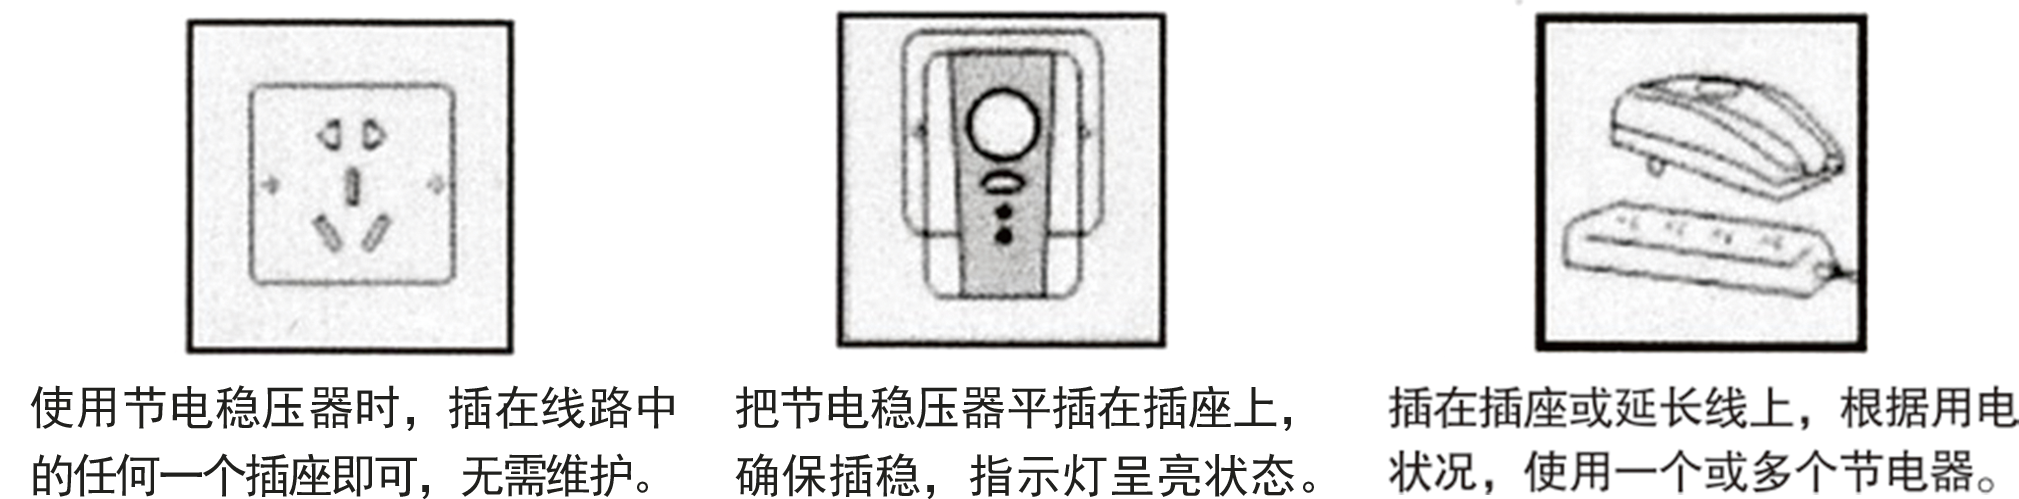 家庭型智能节电稳压器